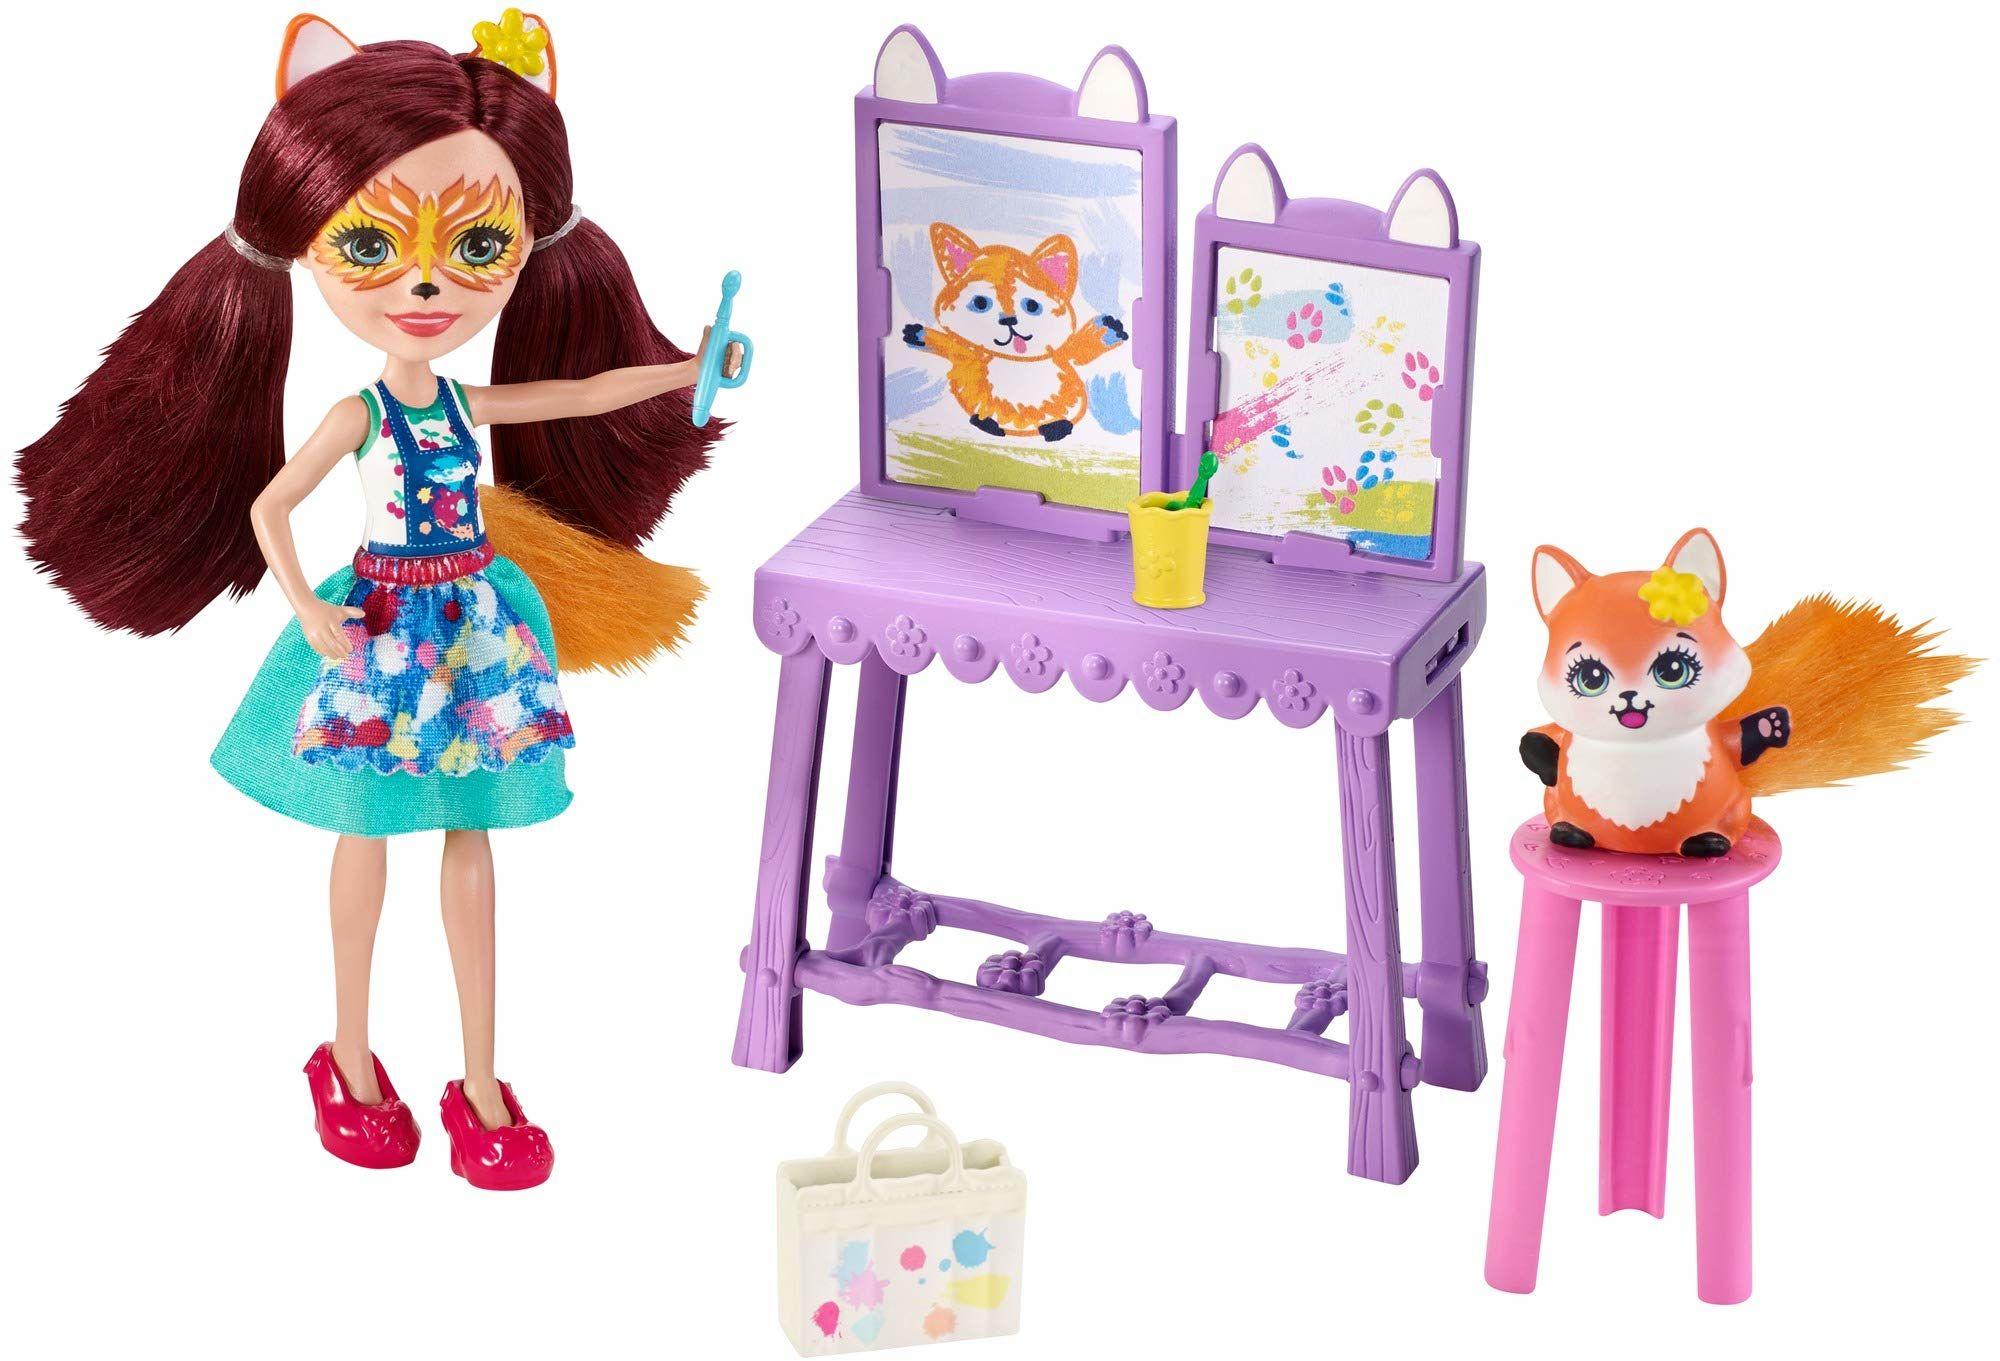 Enchantimals GBX03 Art Studio zestaw do zabawy ze sztalugą i akcesoriami - Felicity lis lalka i figura zwierzęca, wielokolorowy, 15 cm